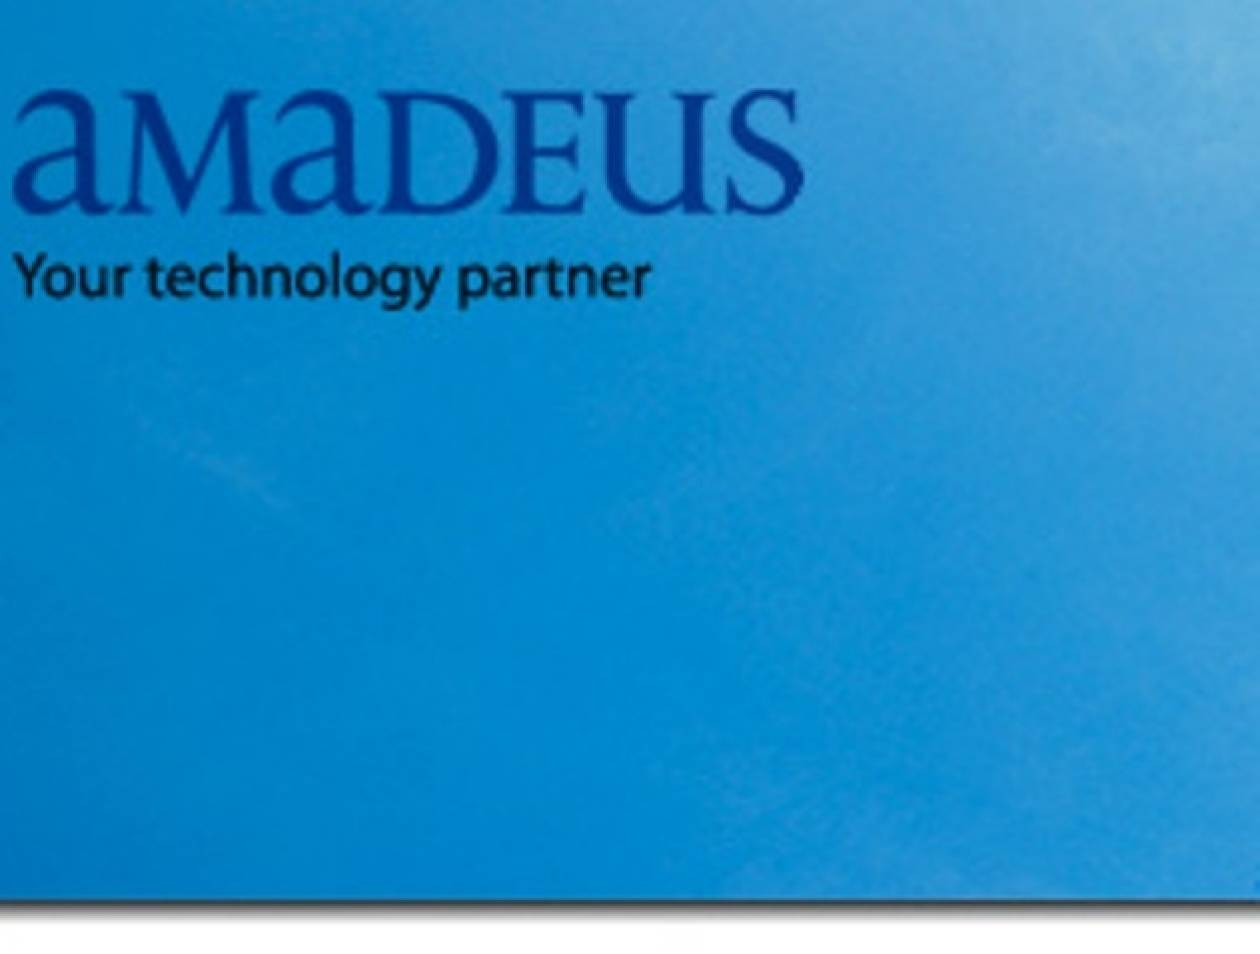 Amadeus: Οικονομικά αποτελέσματα για το πρώτο εξάμηνο του 2013